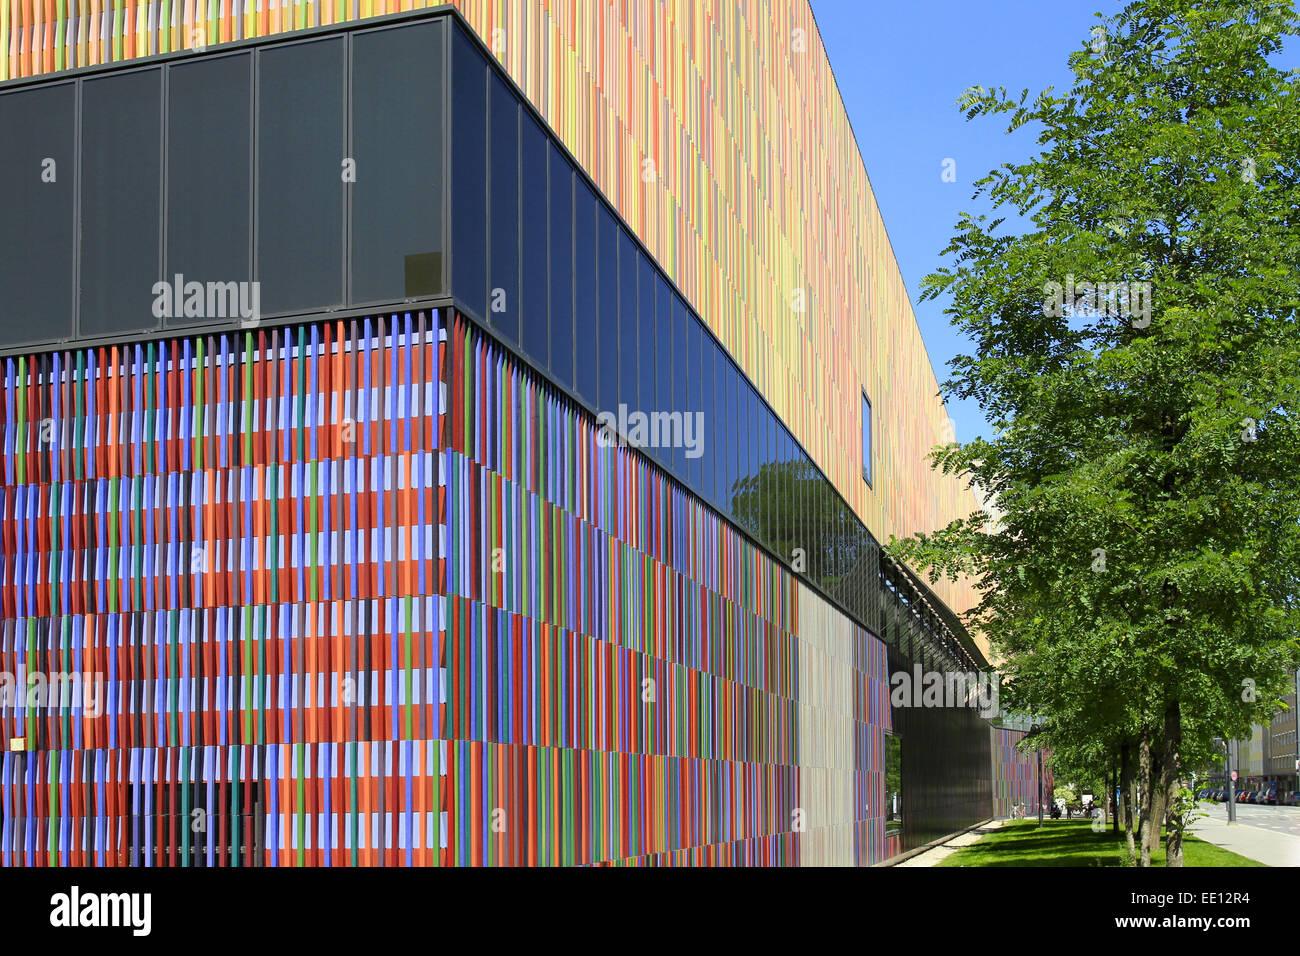 Schön Aussenfassade Farben Galerie Von 36, 000 Einzelne Keramikflächen, Architektenbüro Sauerbruch Hutton,